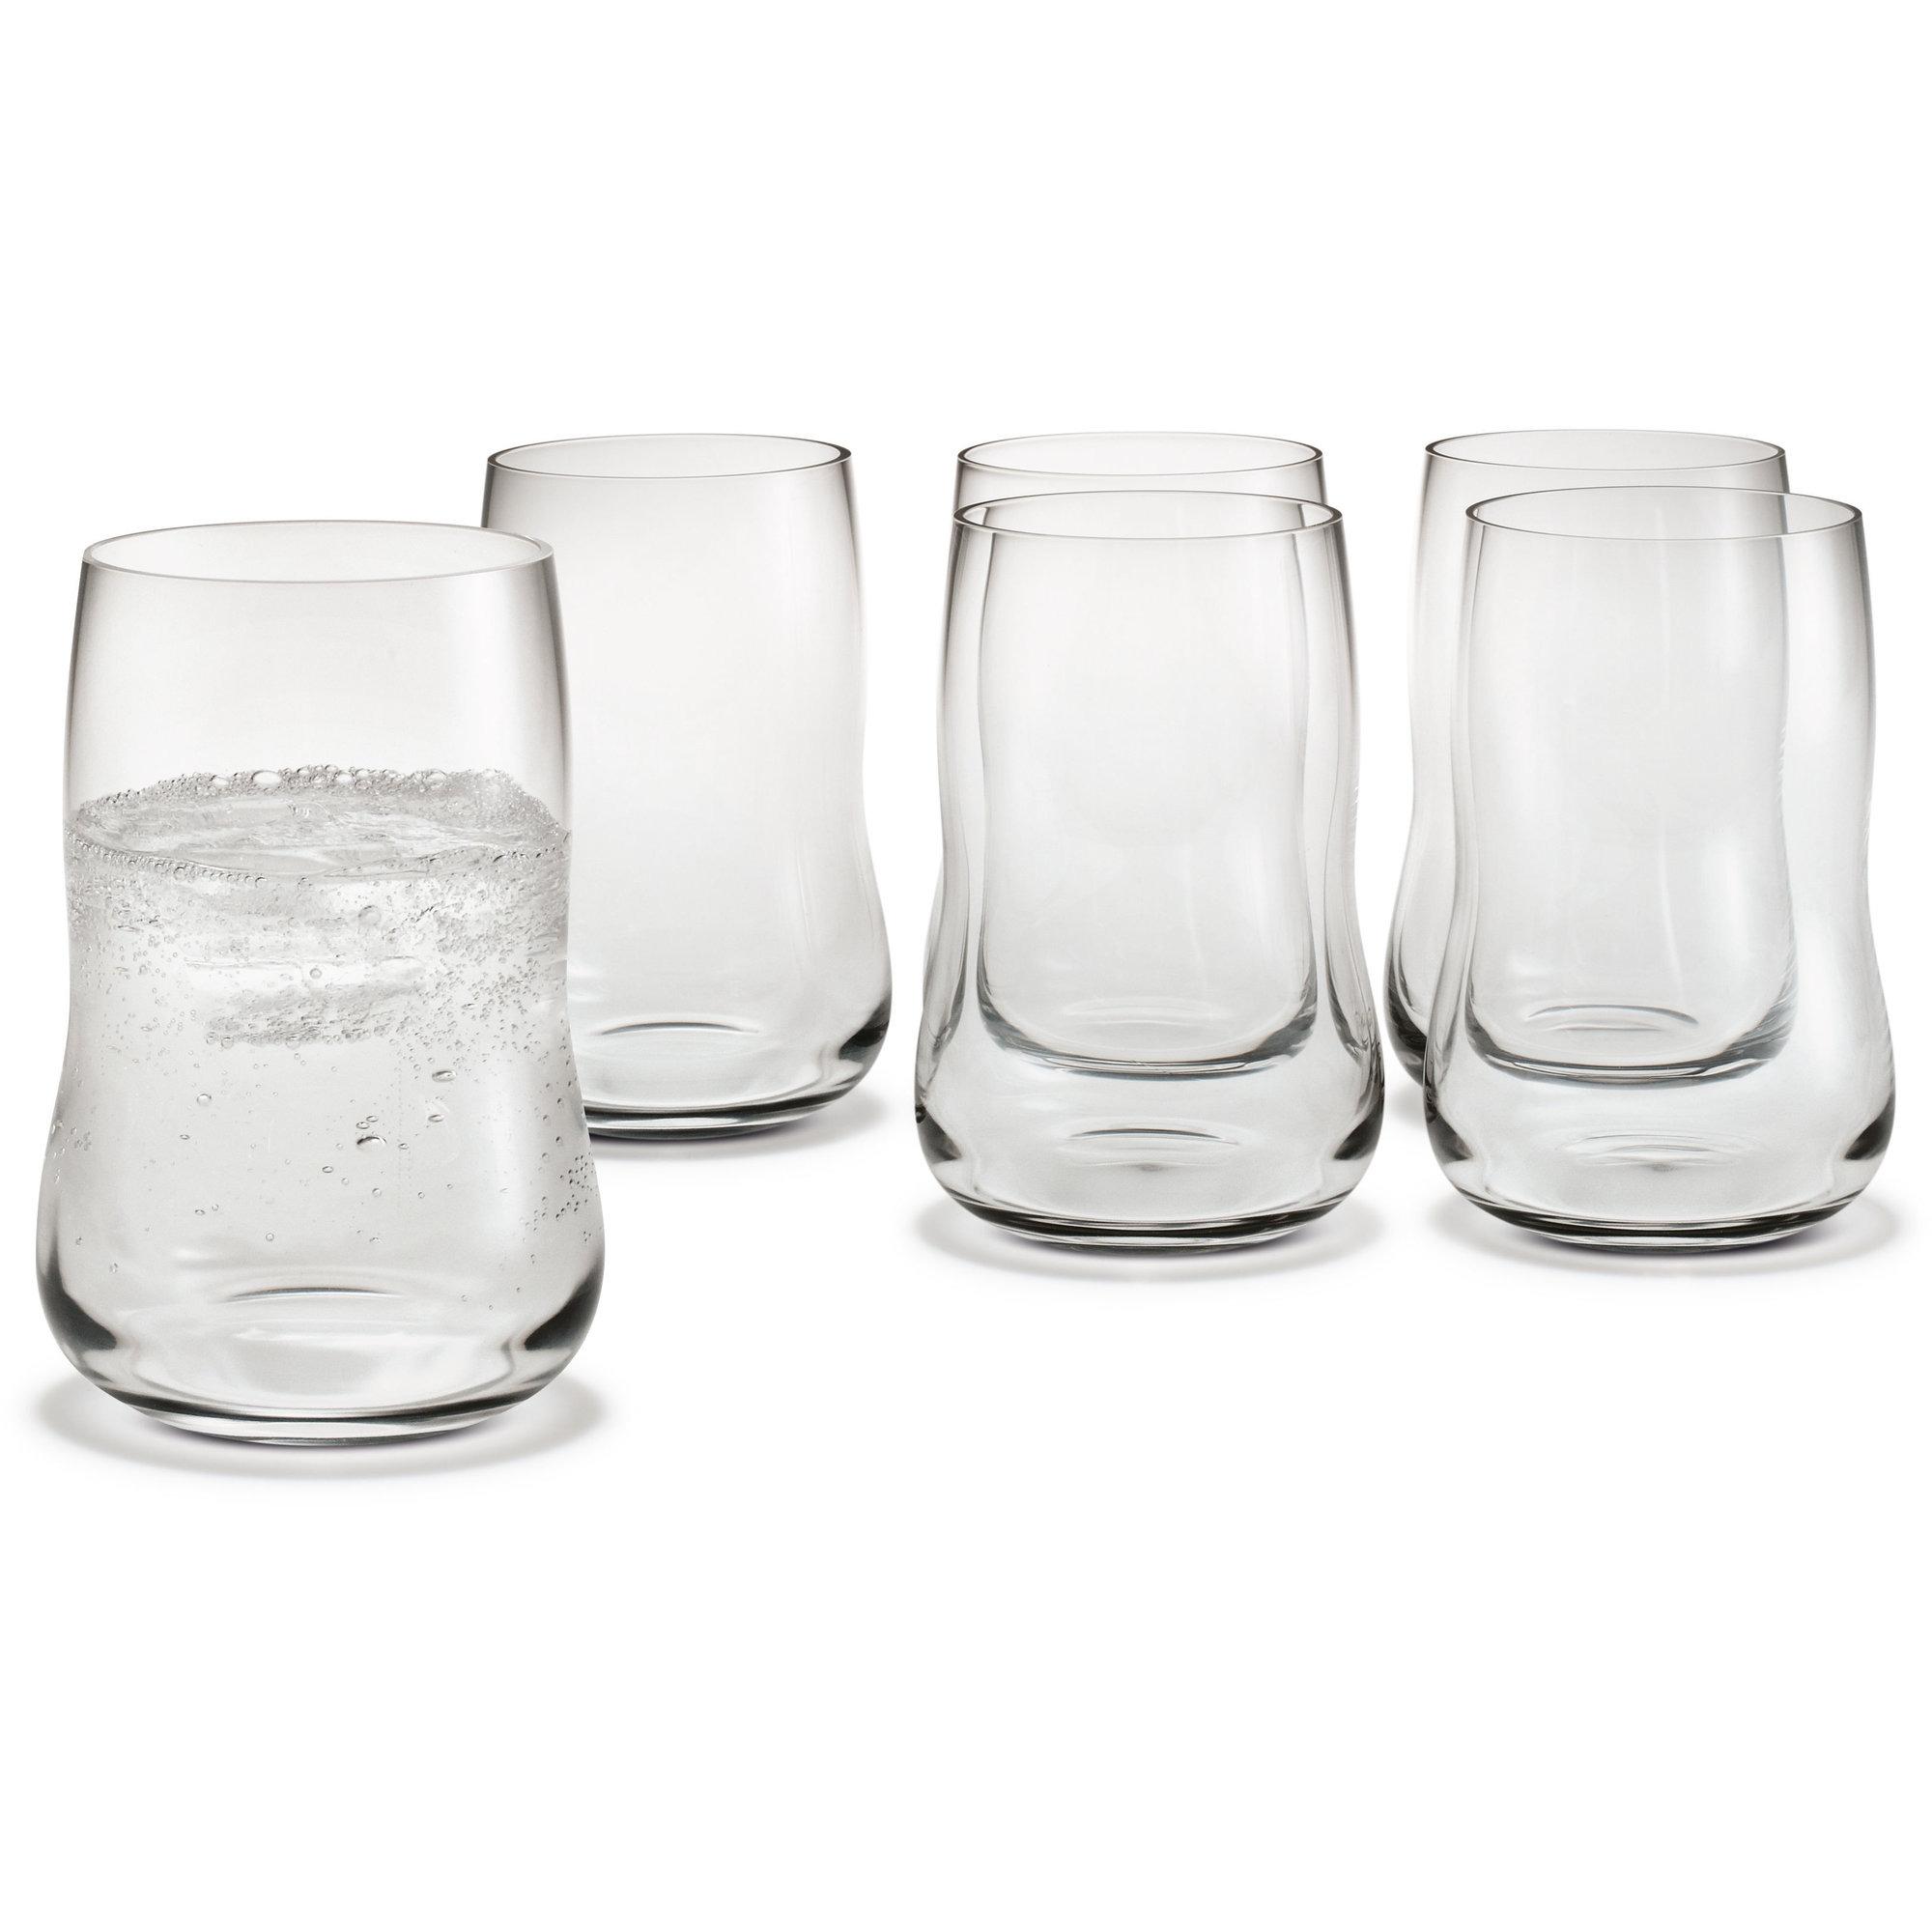 future vattenglas 6 pack fr n holmegaard snabb leverans. Black Bedroom Furniture Sets. Home Design Ideas